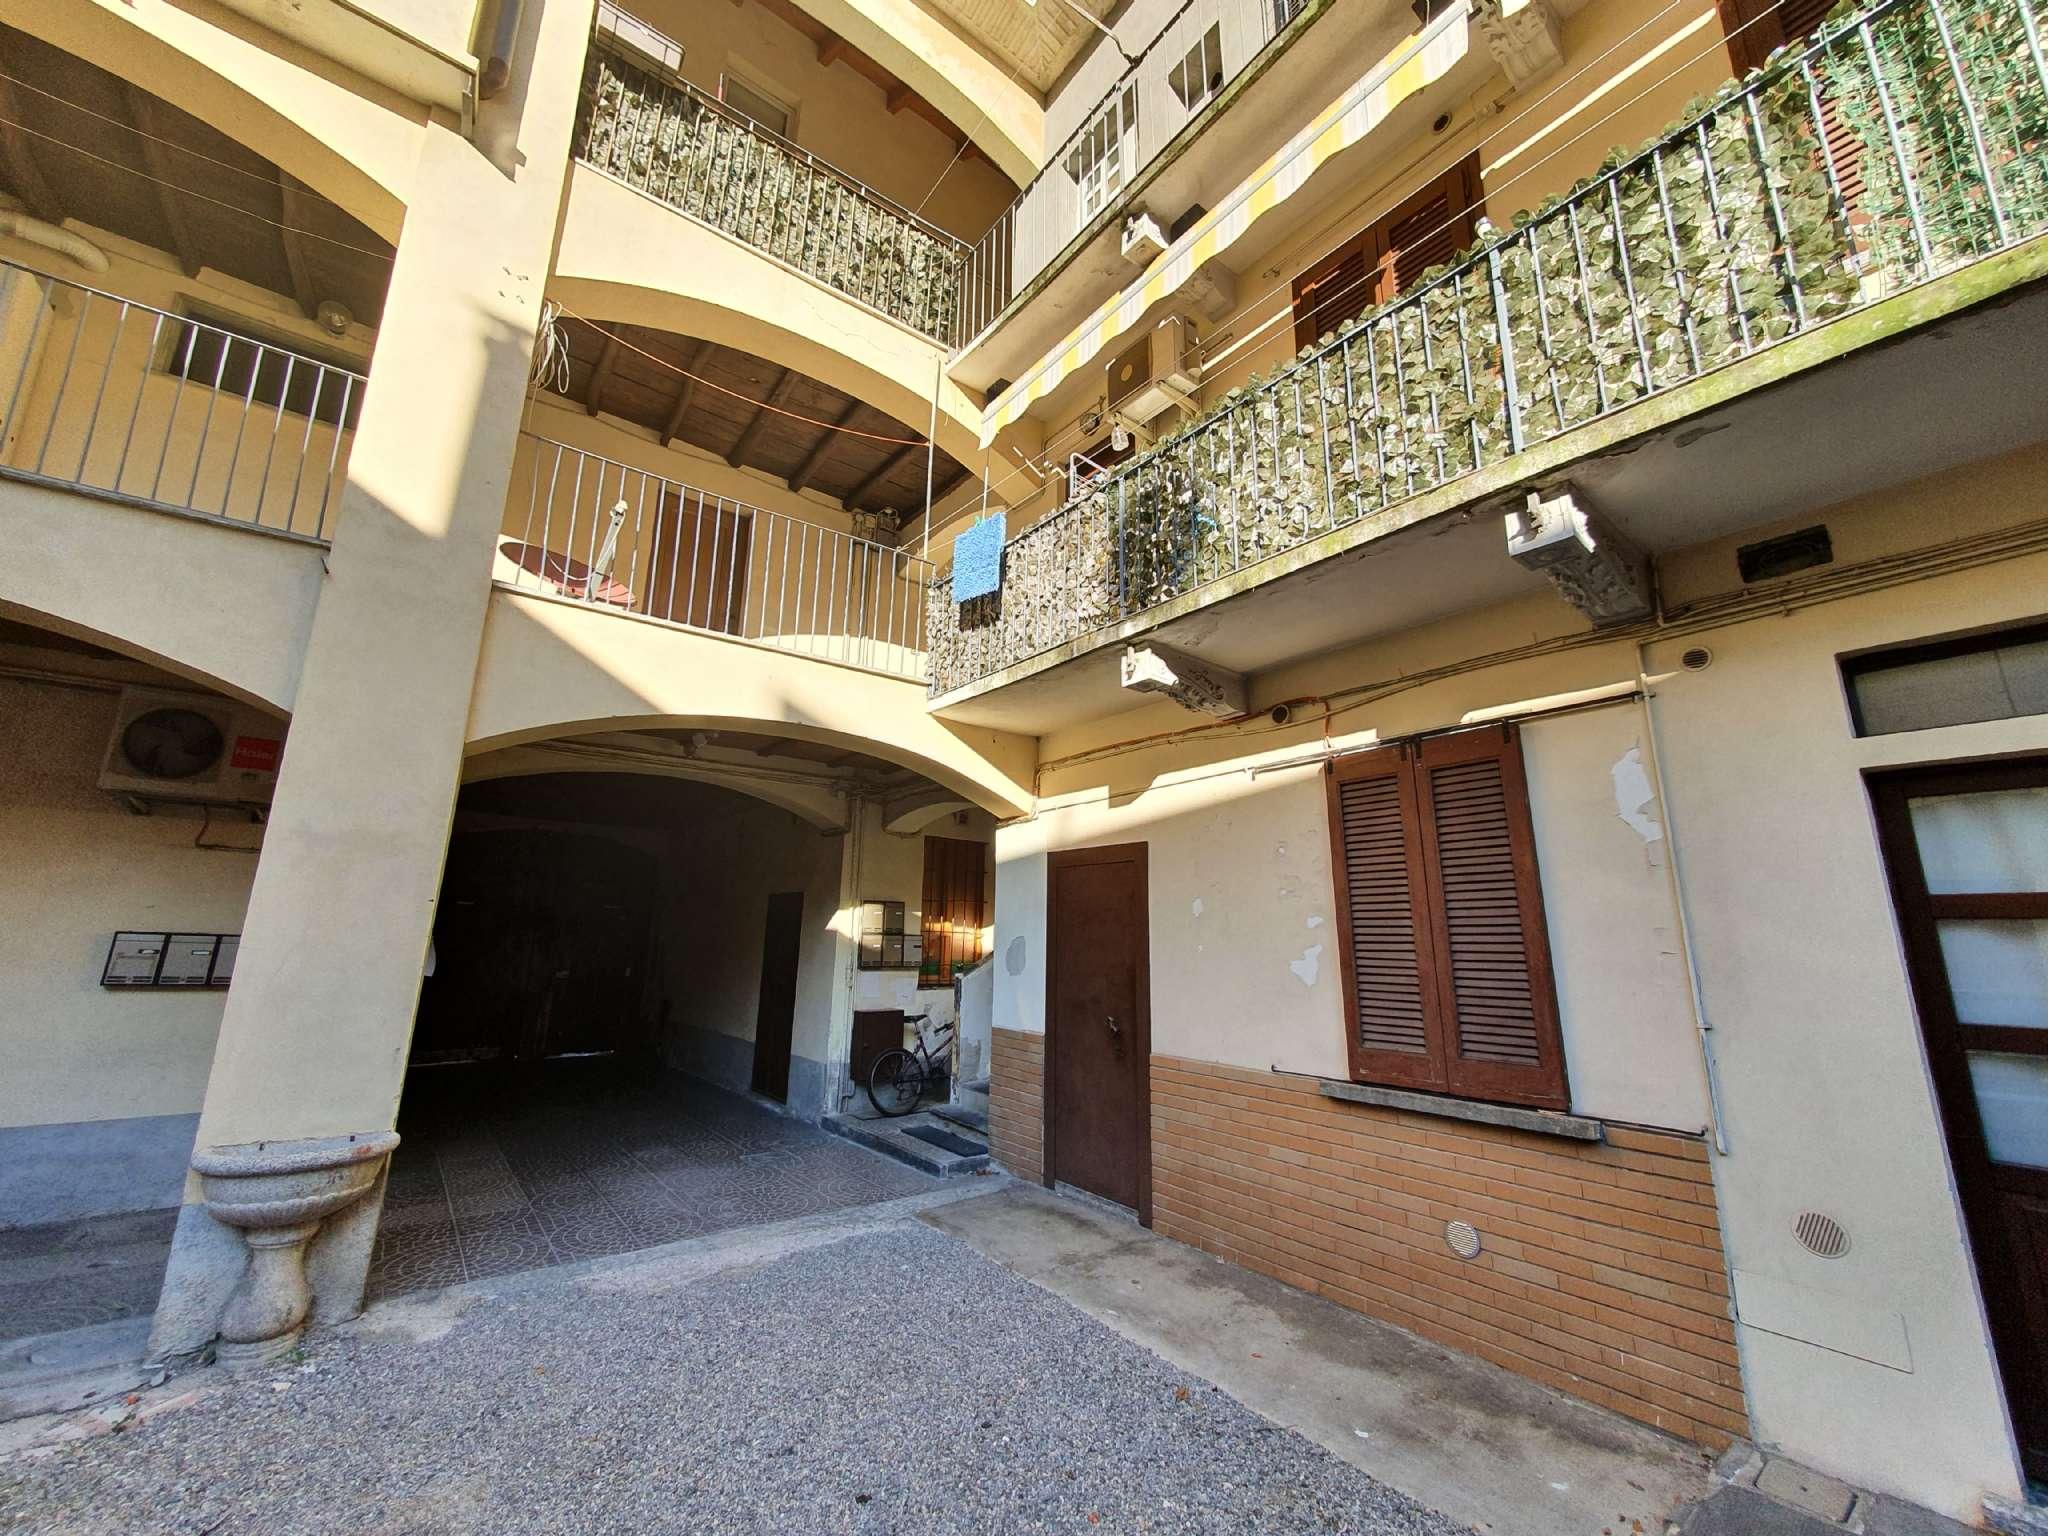 Appartamento in vendita a Seveso, 3 locali, prezzo € 68.000 | CambioCasa.it